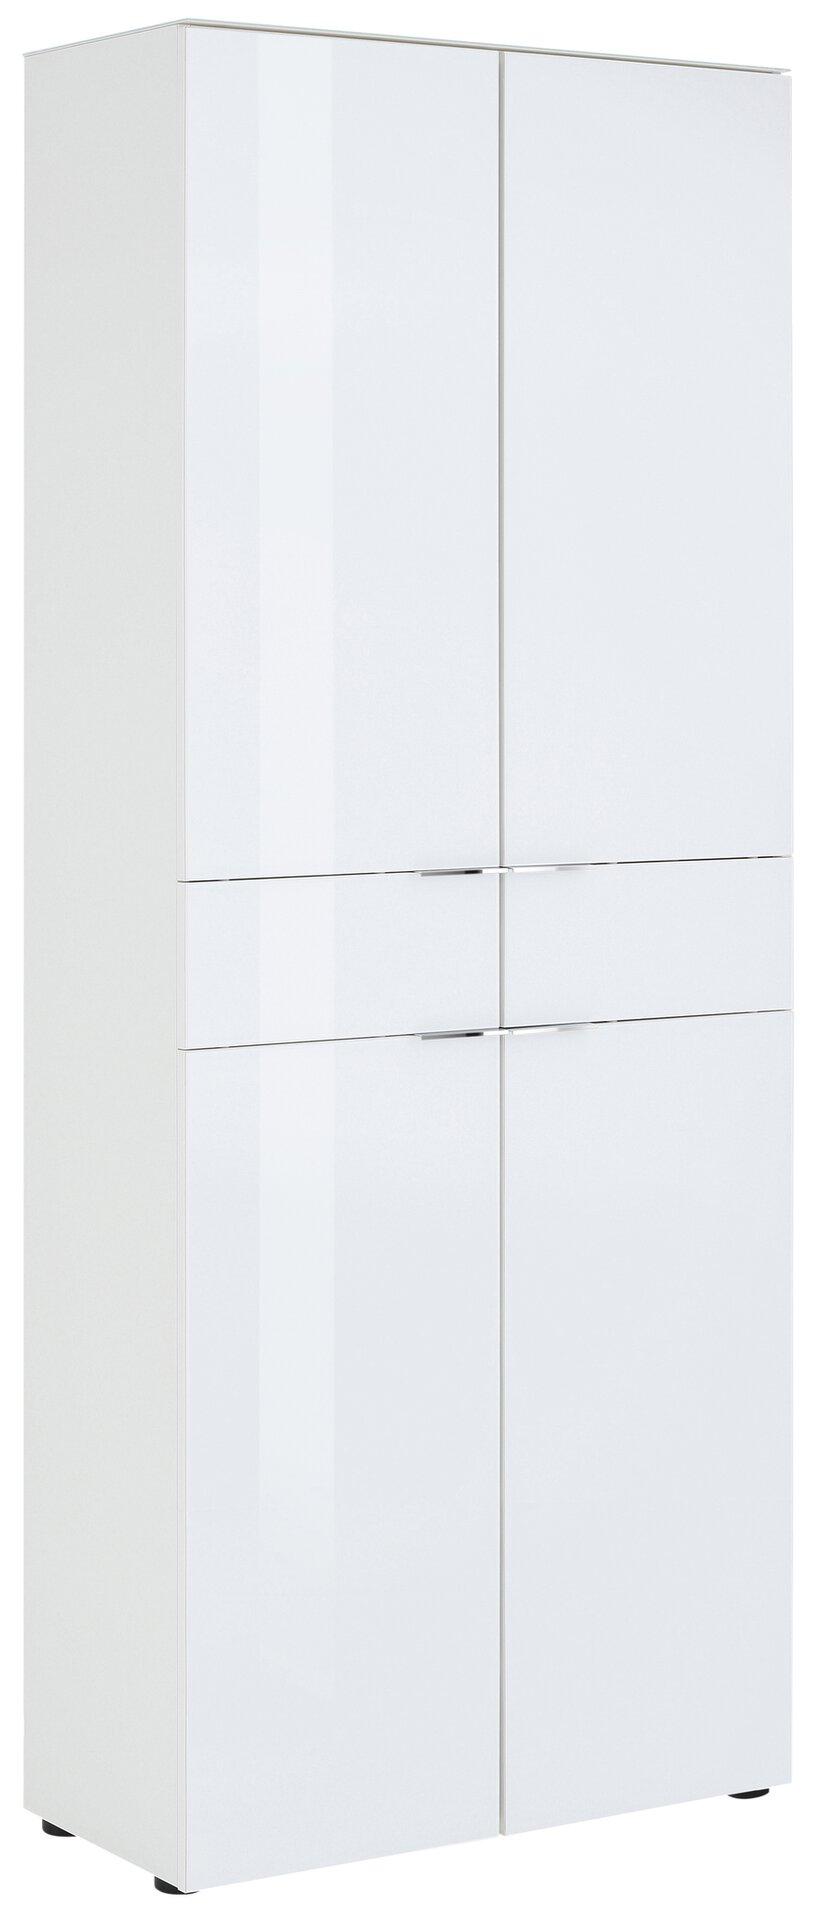 Garderobenschrank SWAG Vito Holzwerkstoff weiß 37 x 198 x 79 cm